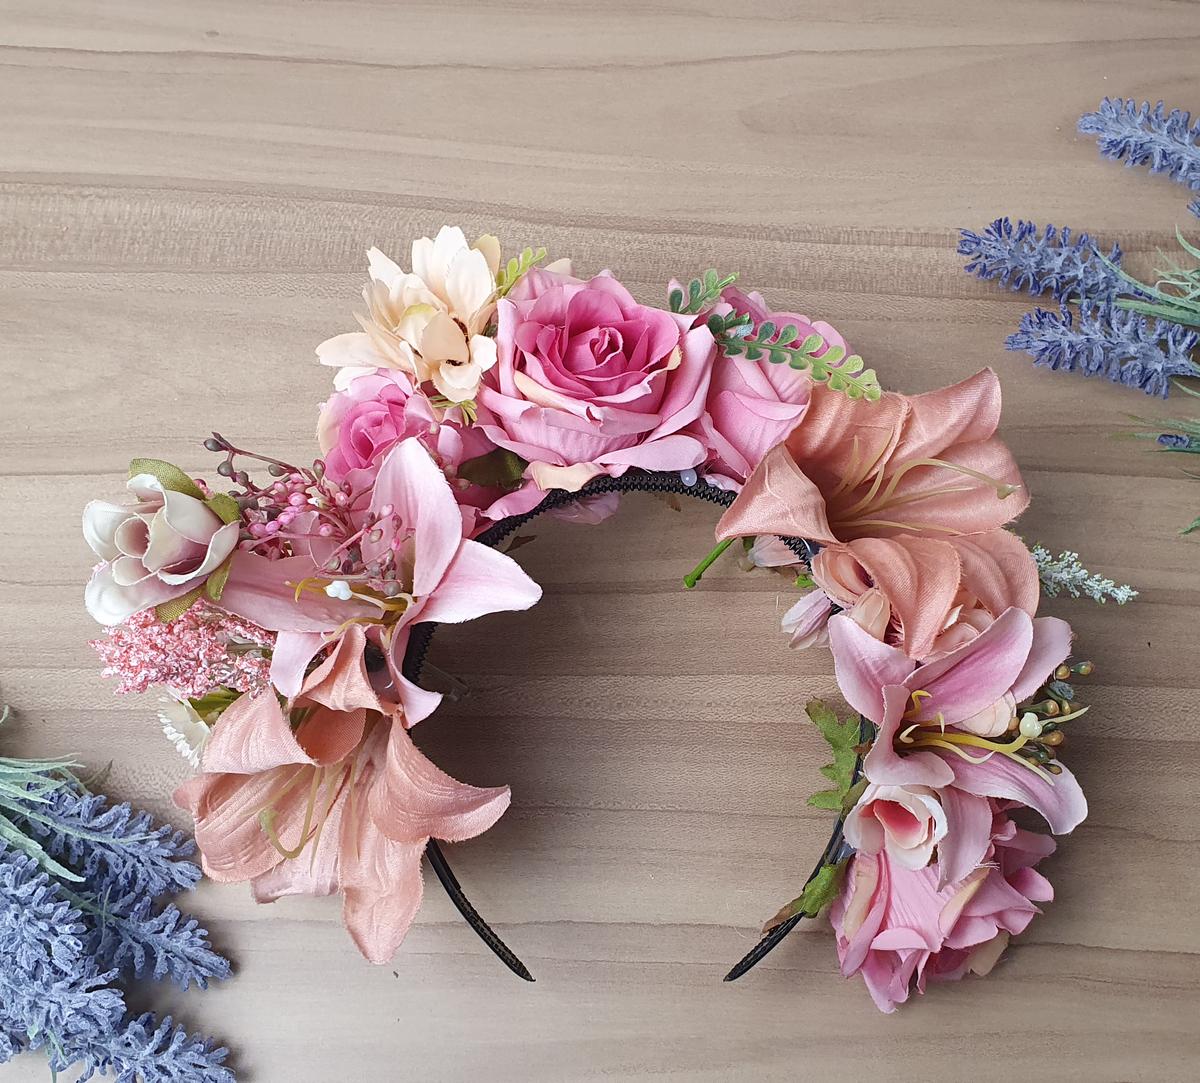 Imagem capa - Como fazer coroa de Flores de forma simples? por Roberta Guido